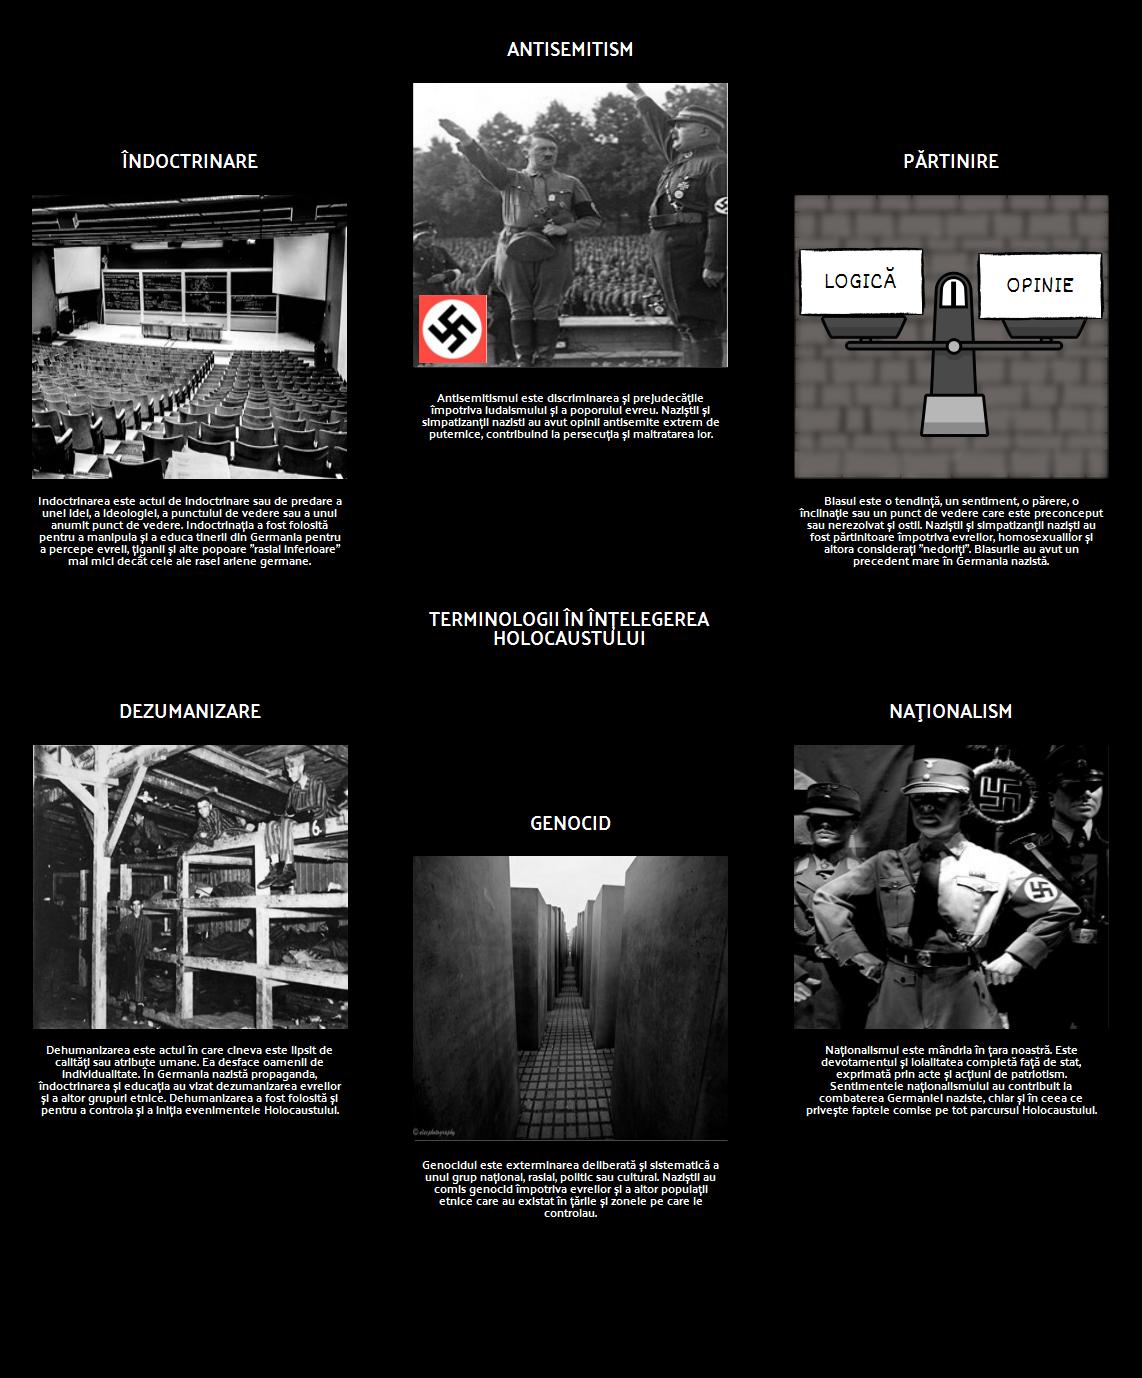 Istoria Holocaustului - Terminologii în Înțelegerea Holocaustului